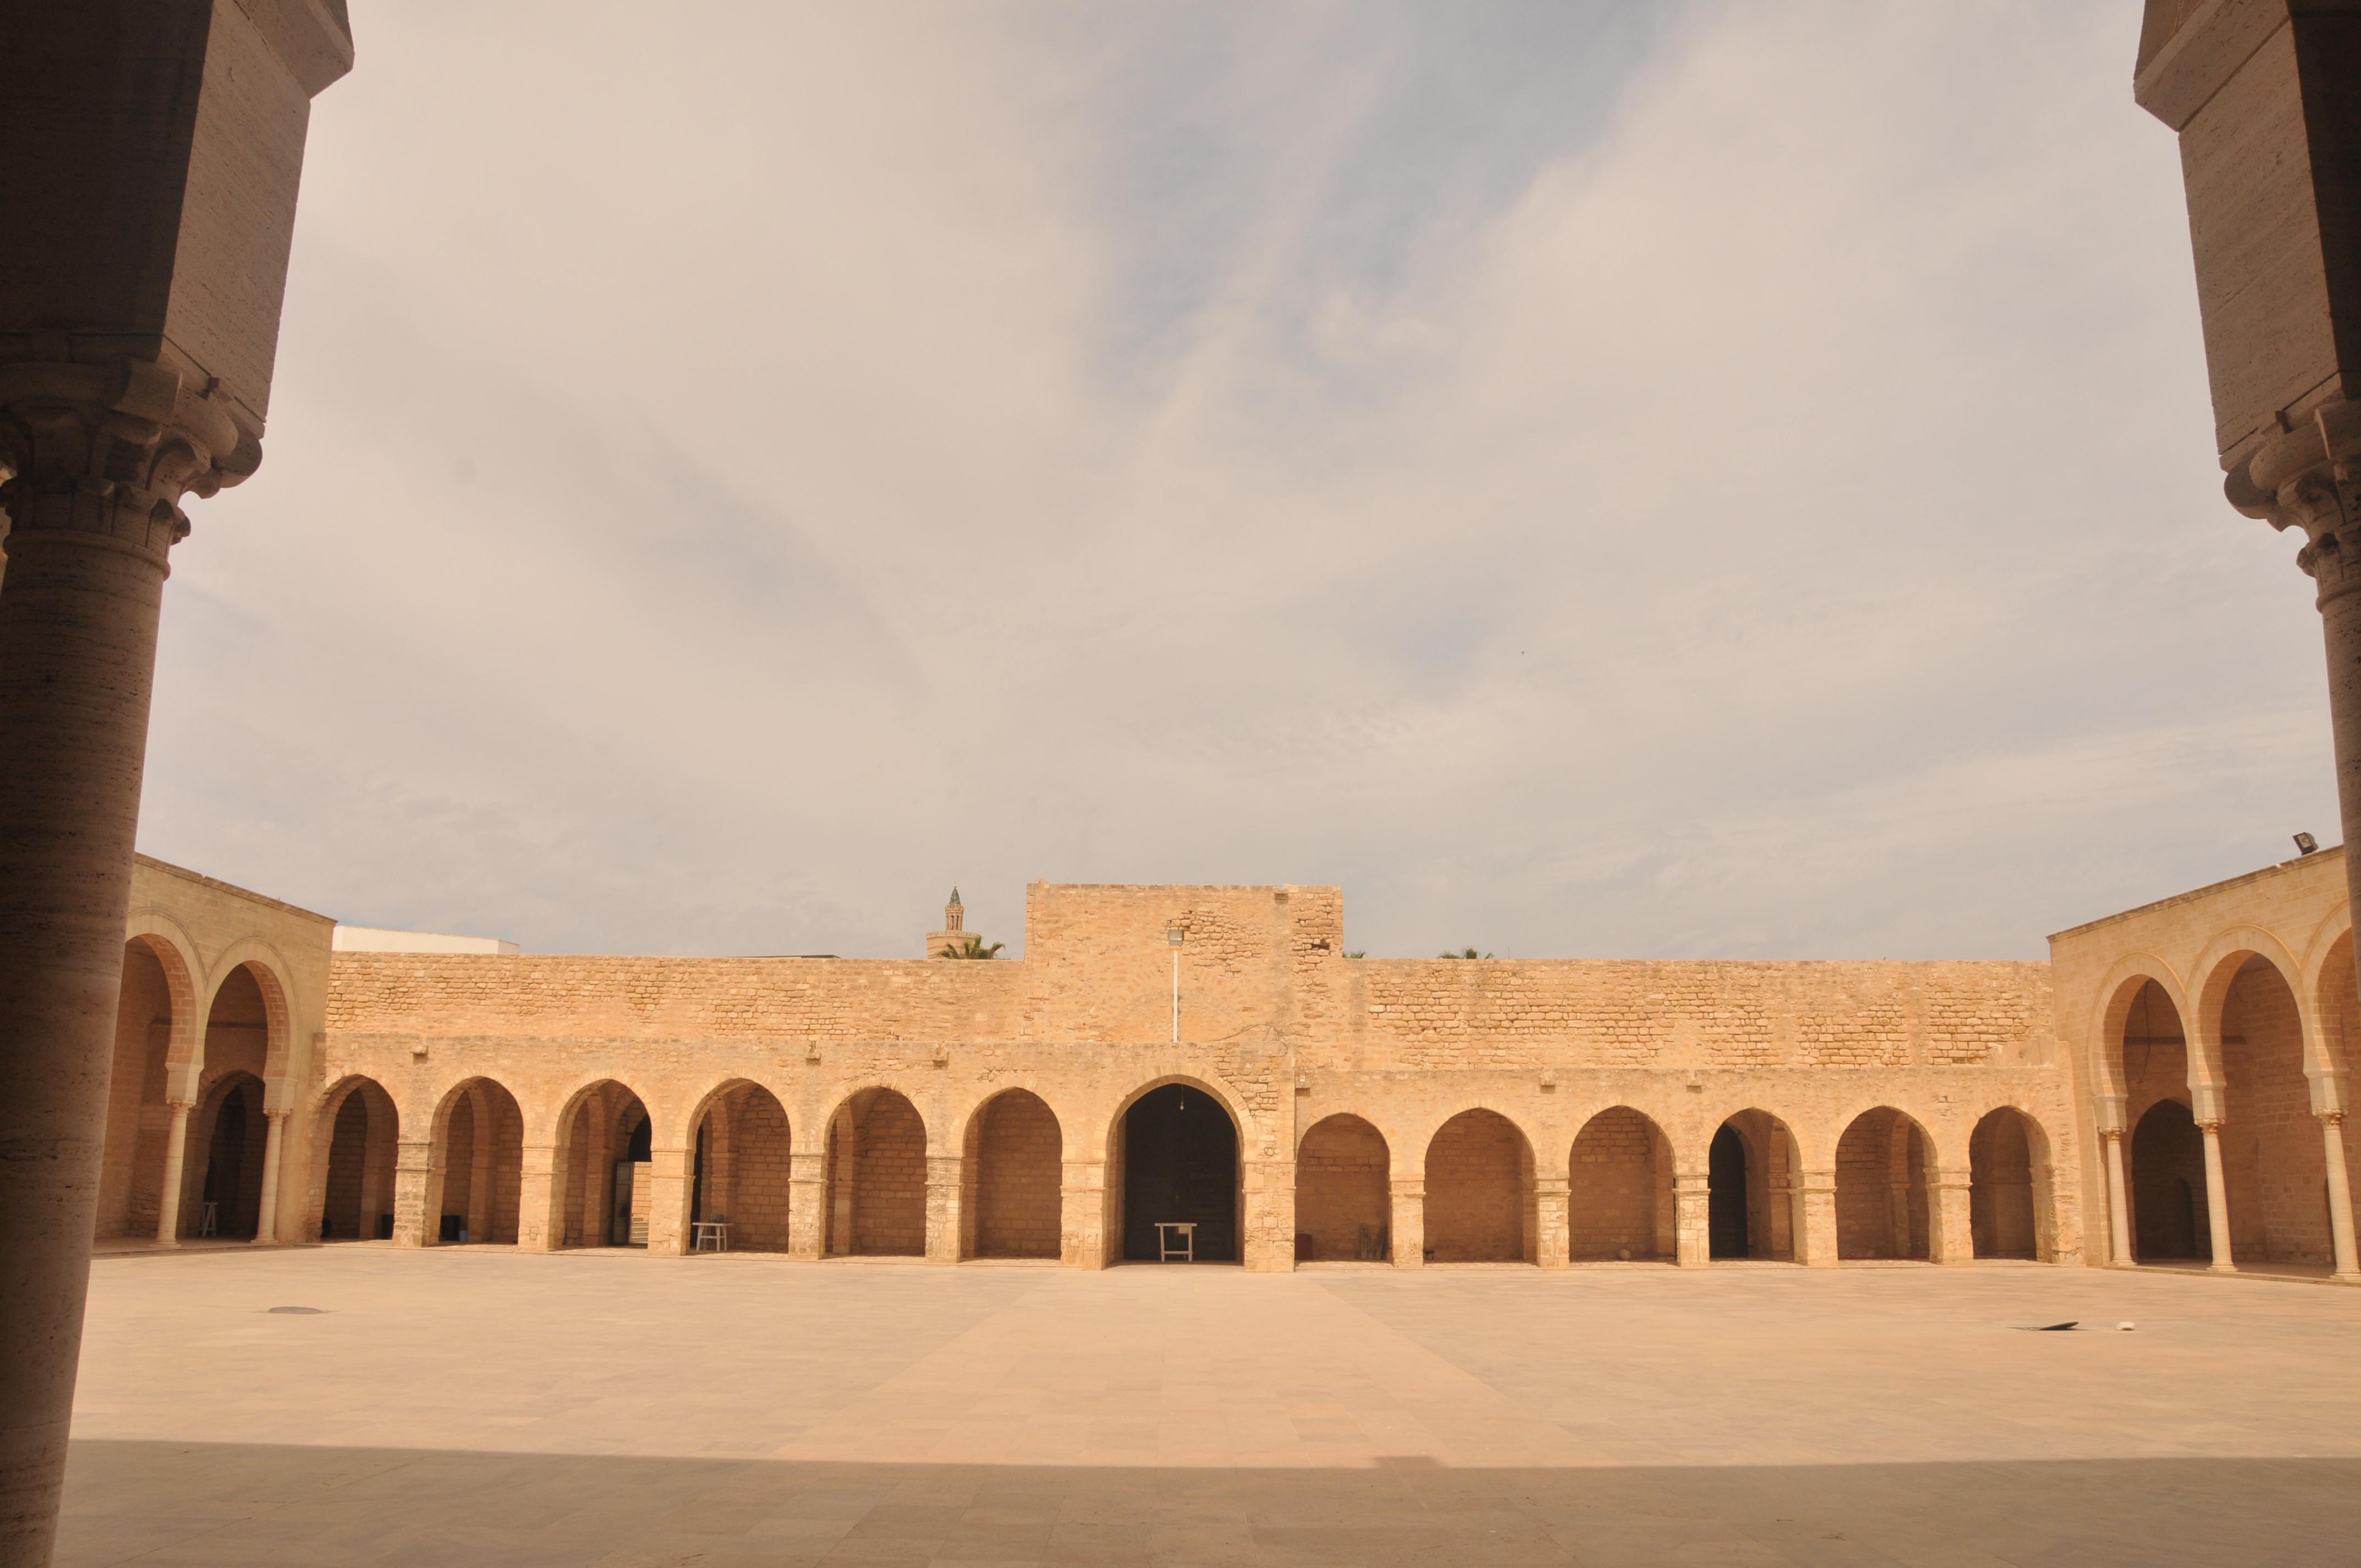 التعريف بتونس كبلد سياحي المعلومات CourGrandeMosqueMahdia.JPG